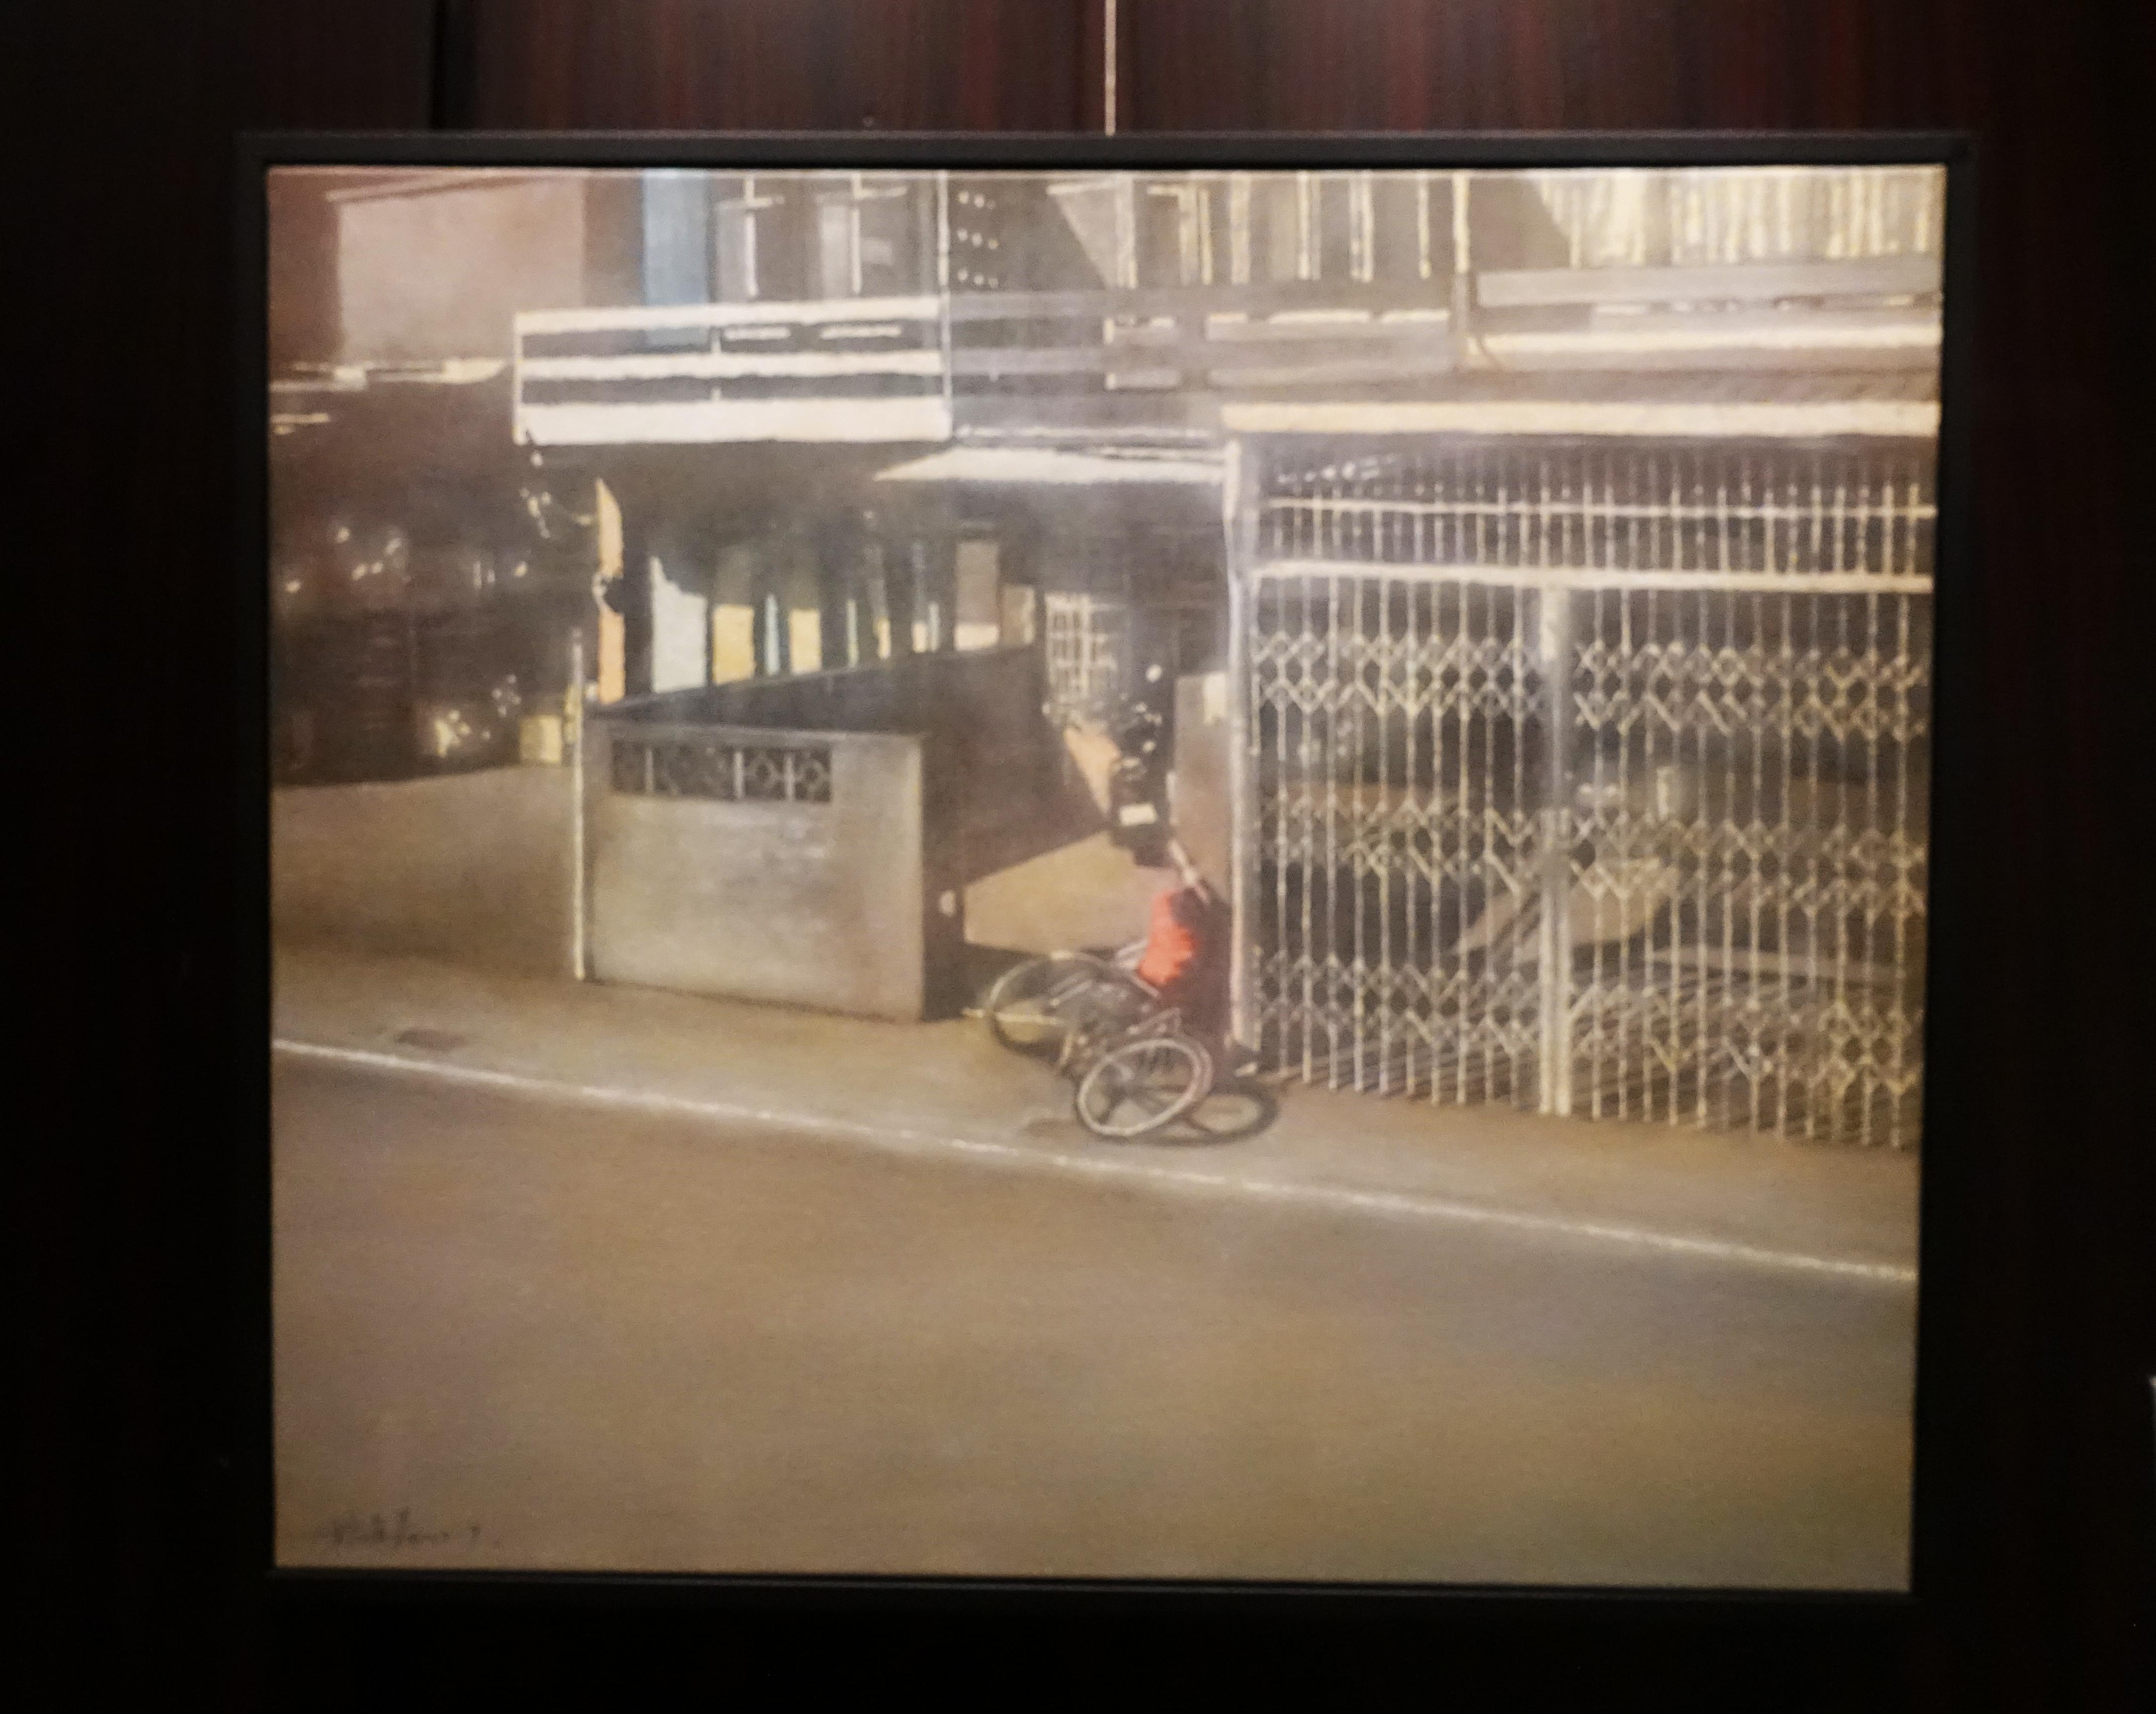 林煥嘉,《哈哈哈哈哈》,壓克力畫布,45.5x53cm,2019。